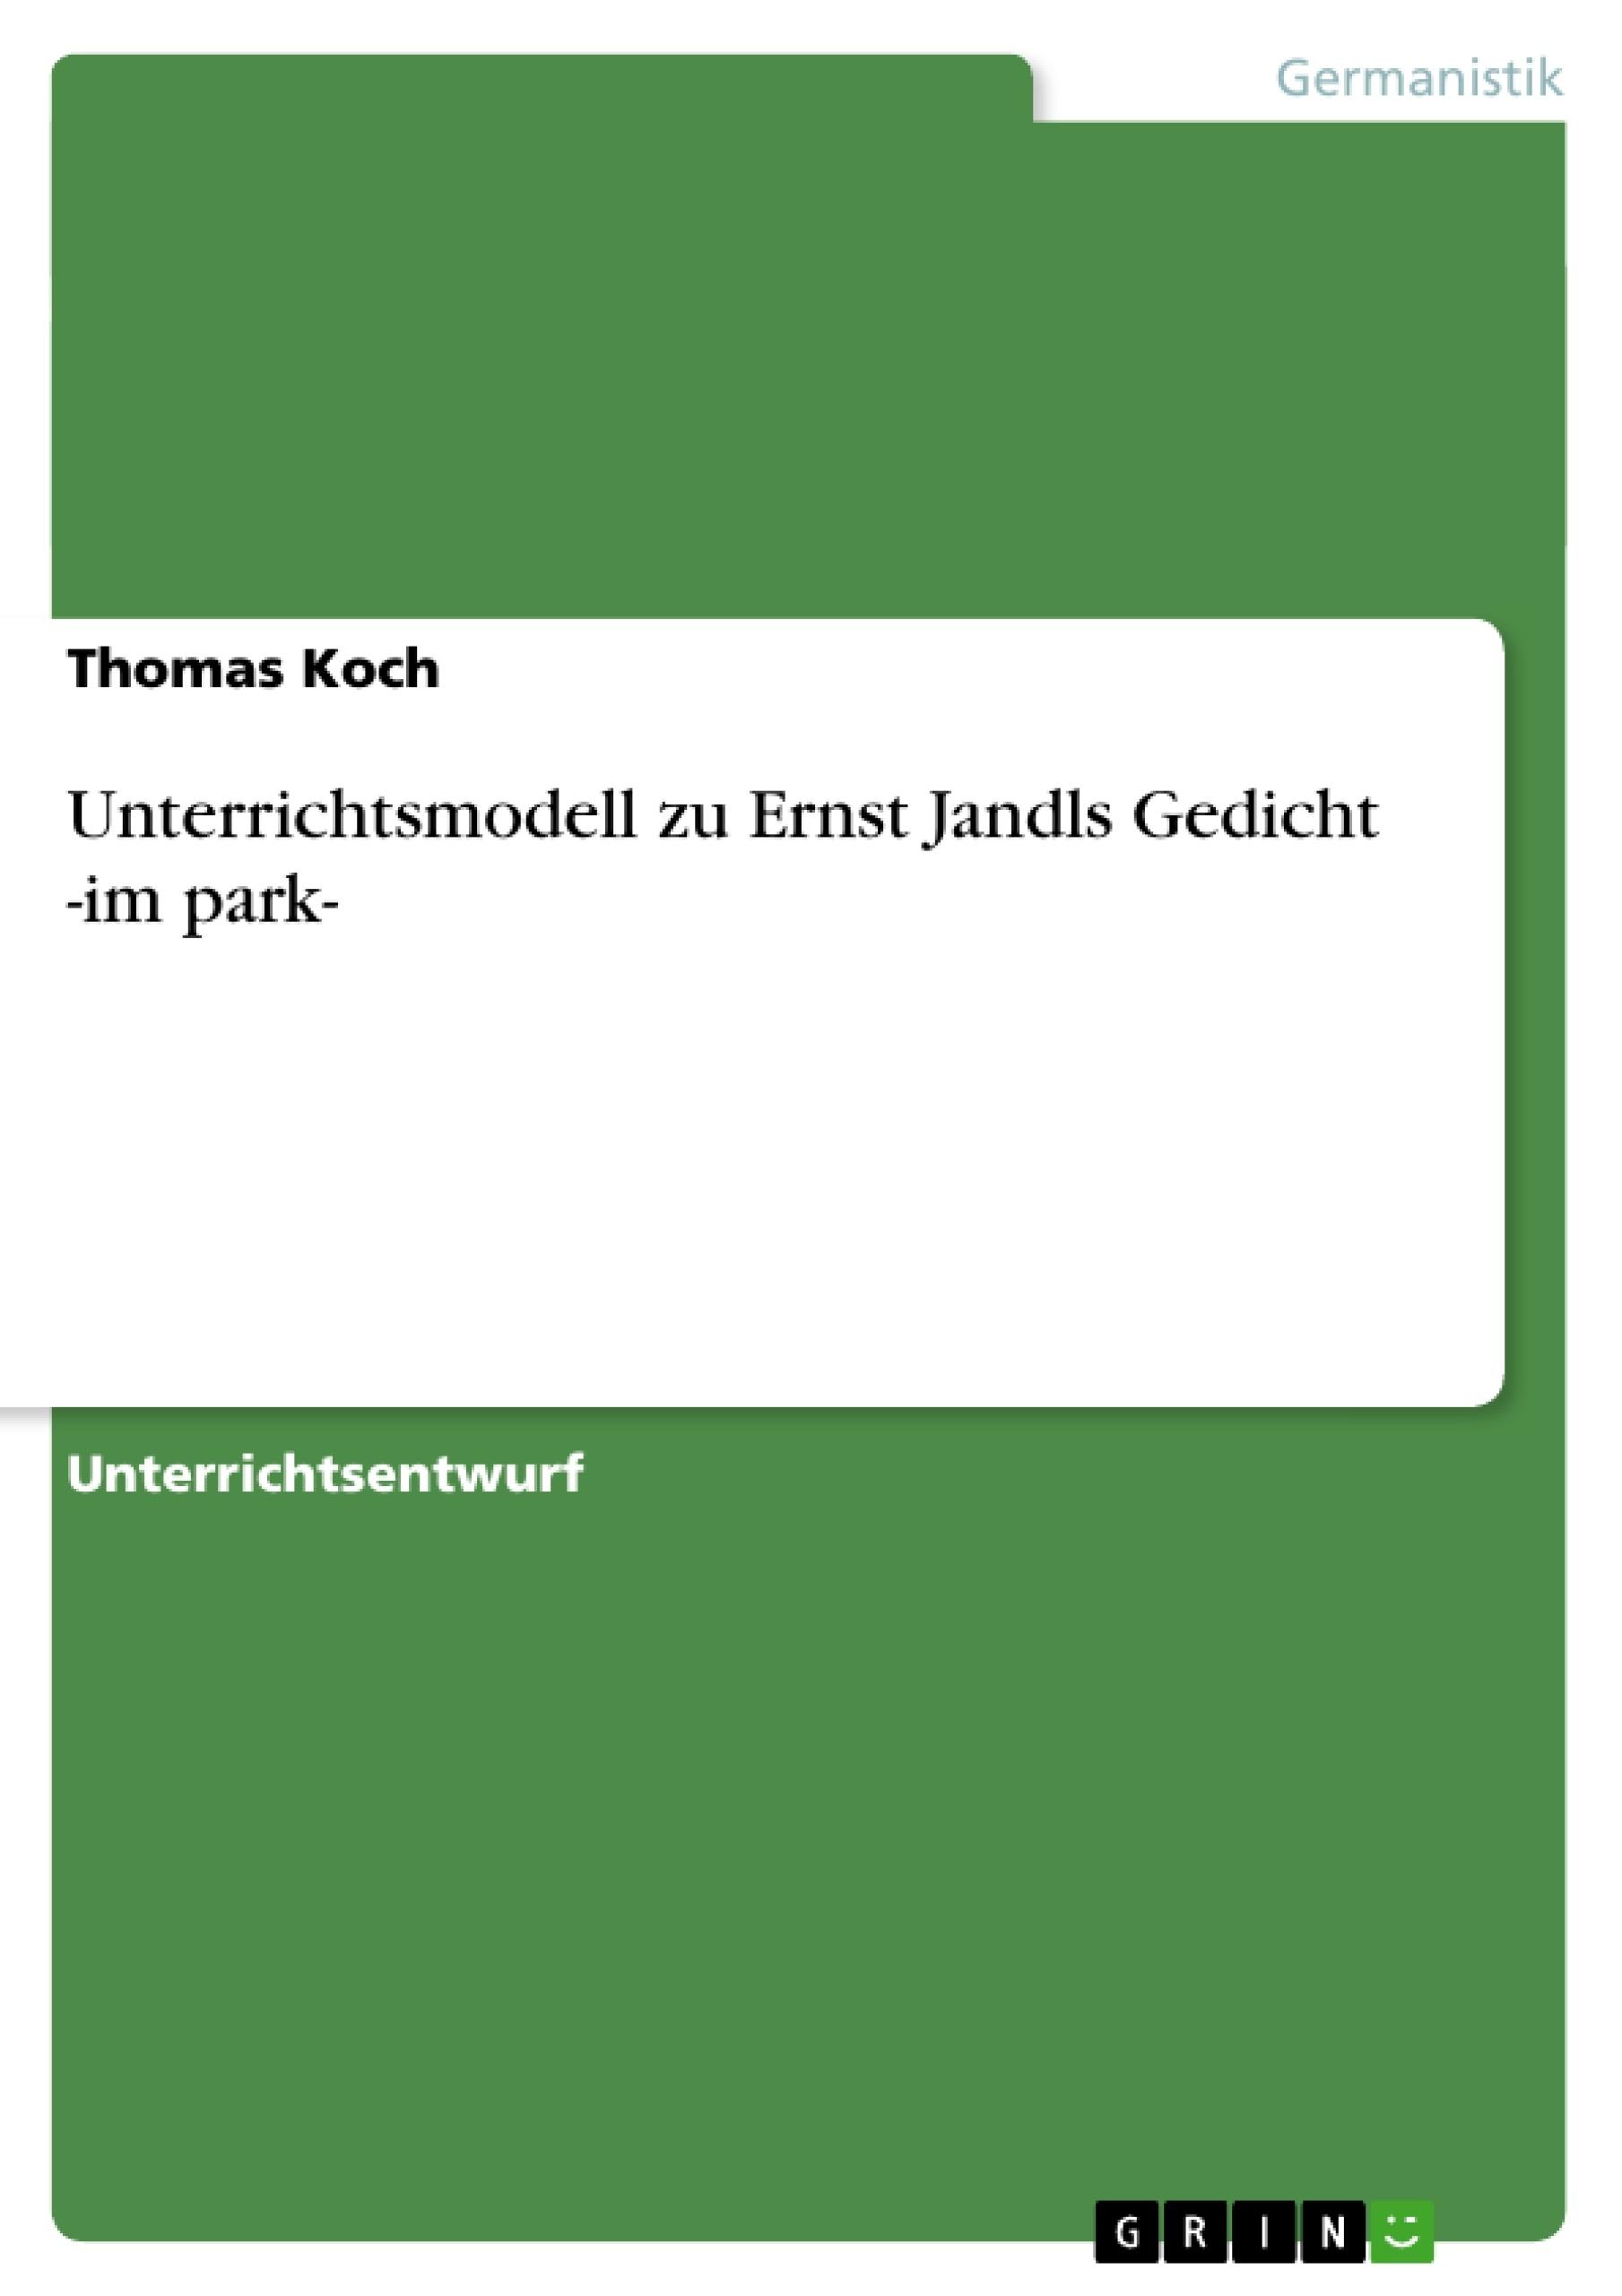 Titel: Unterrichtsmodell zu Ernst Jandls Gedicht -im park-